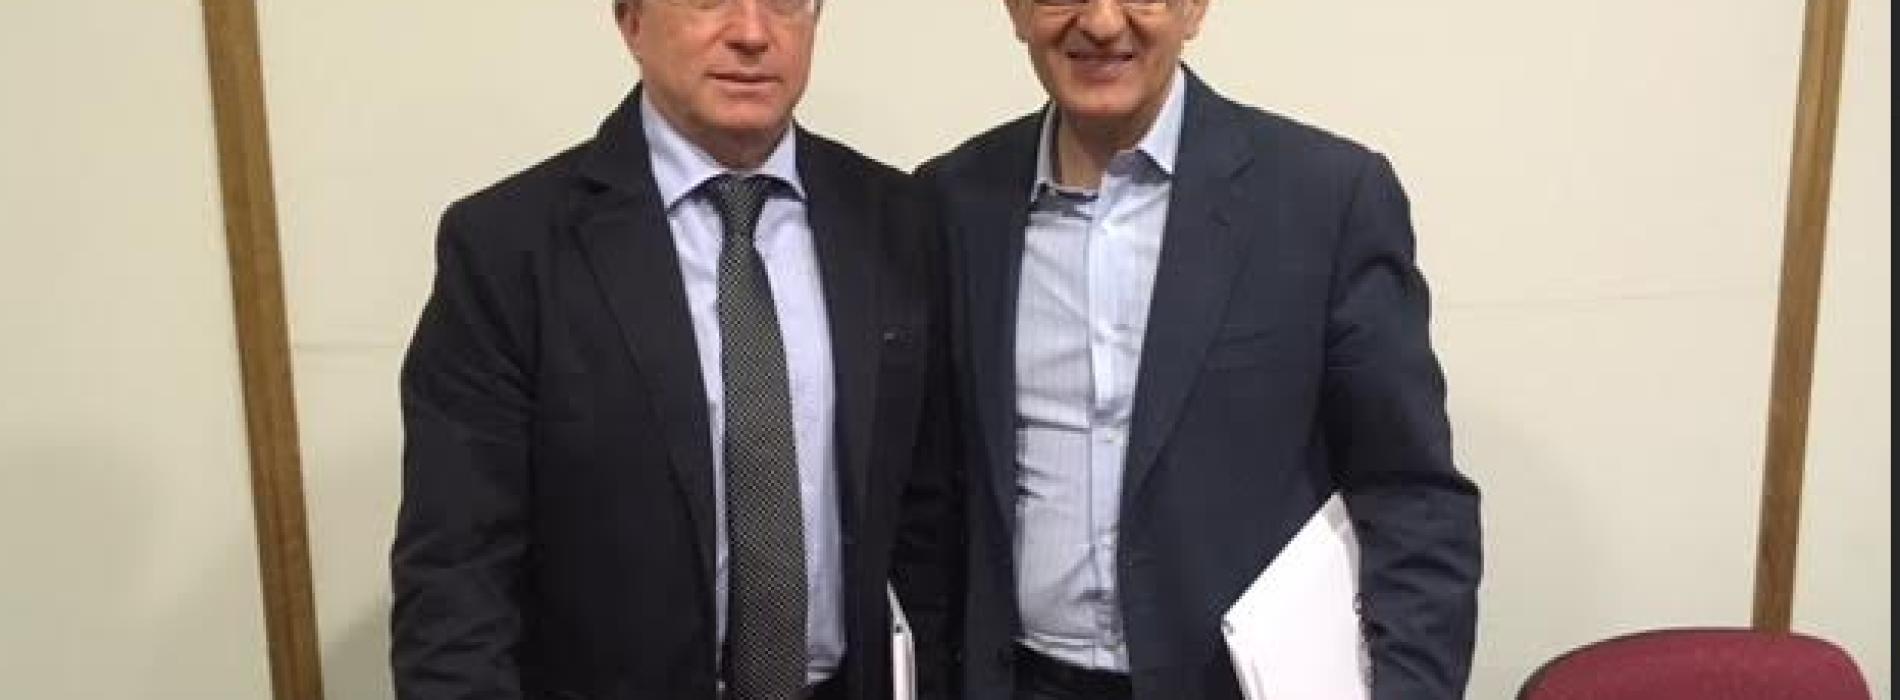 Marino incontra il vicepresidente della Regione Campania, Fulvio Bonavitacola